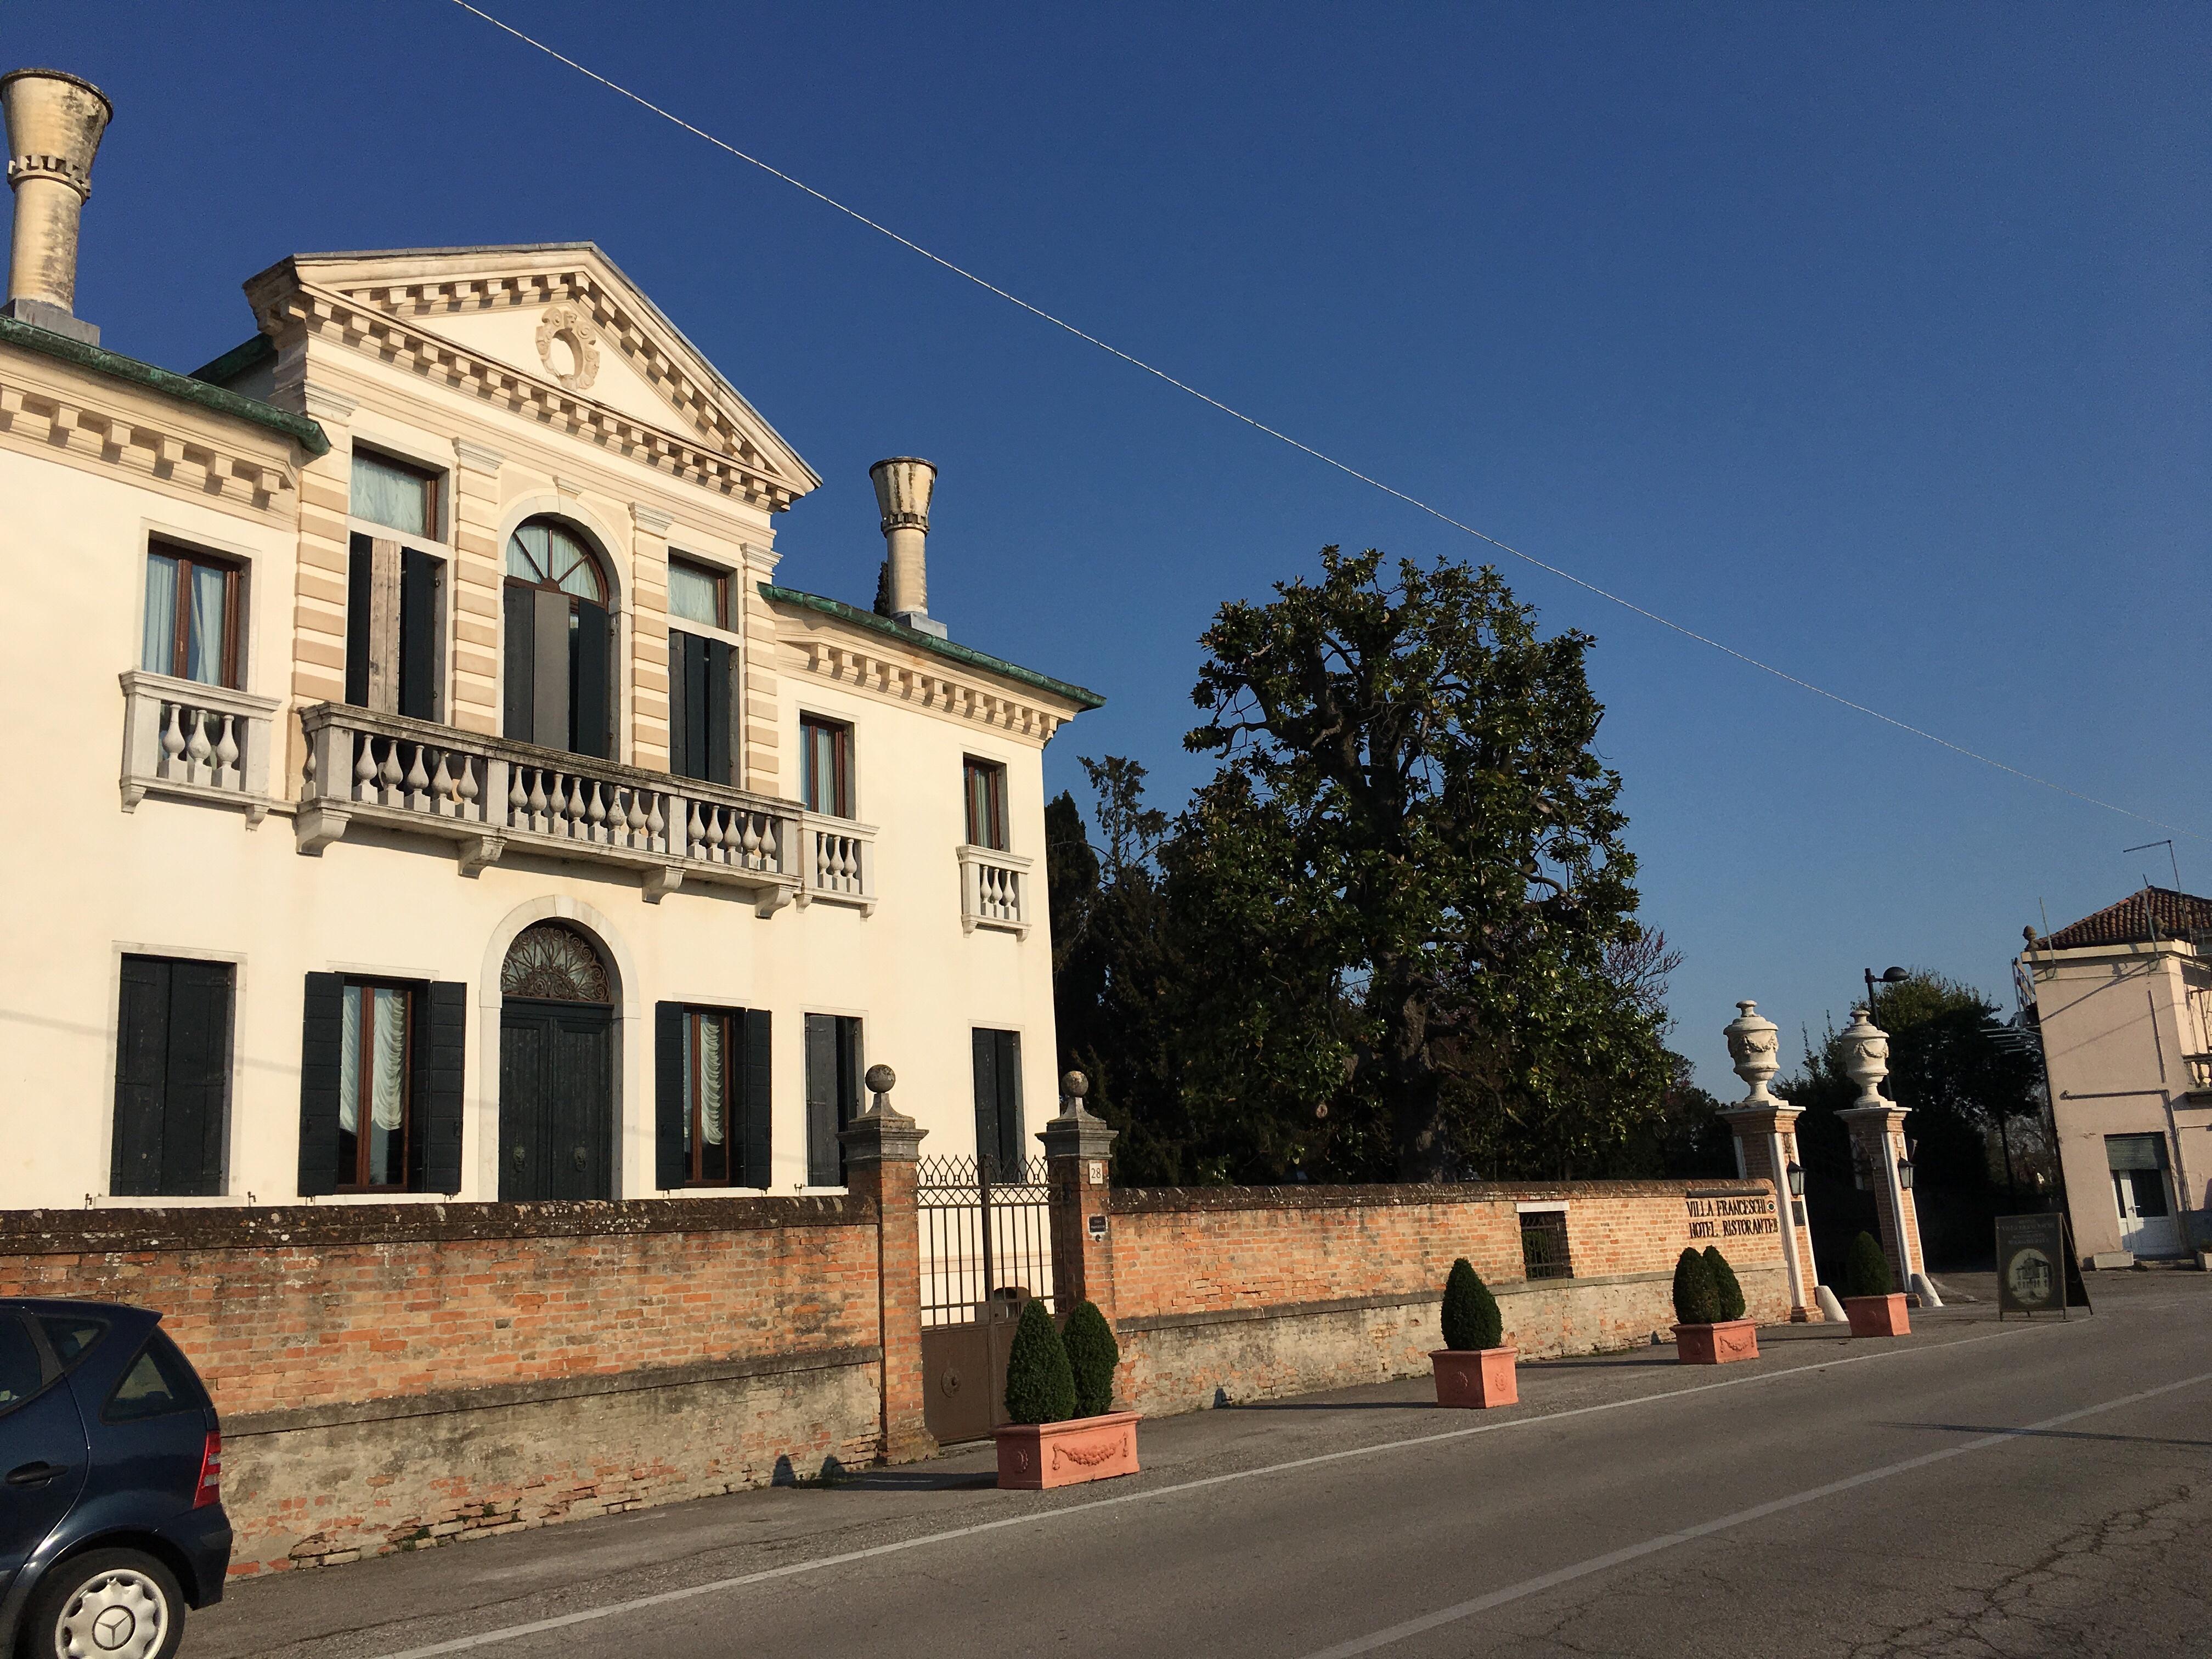 Villa Franceschi 'Relais & Chateaux' Hotel